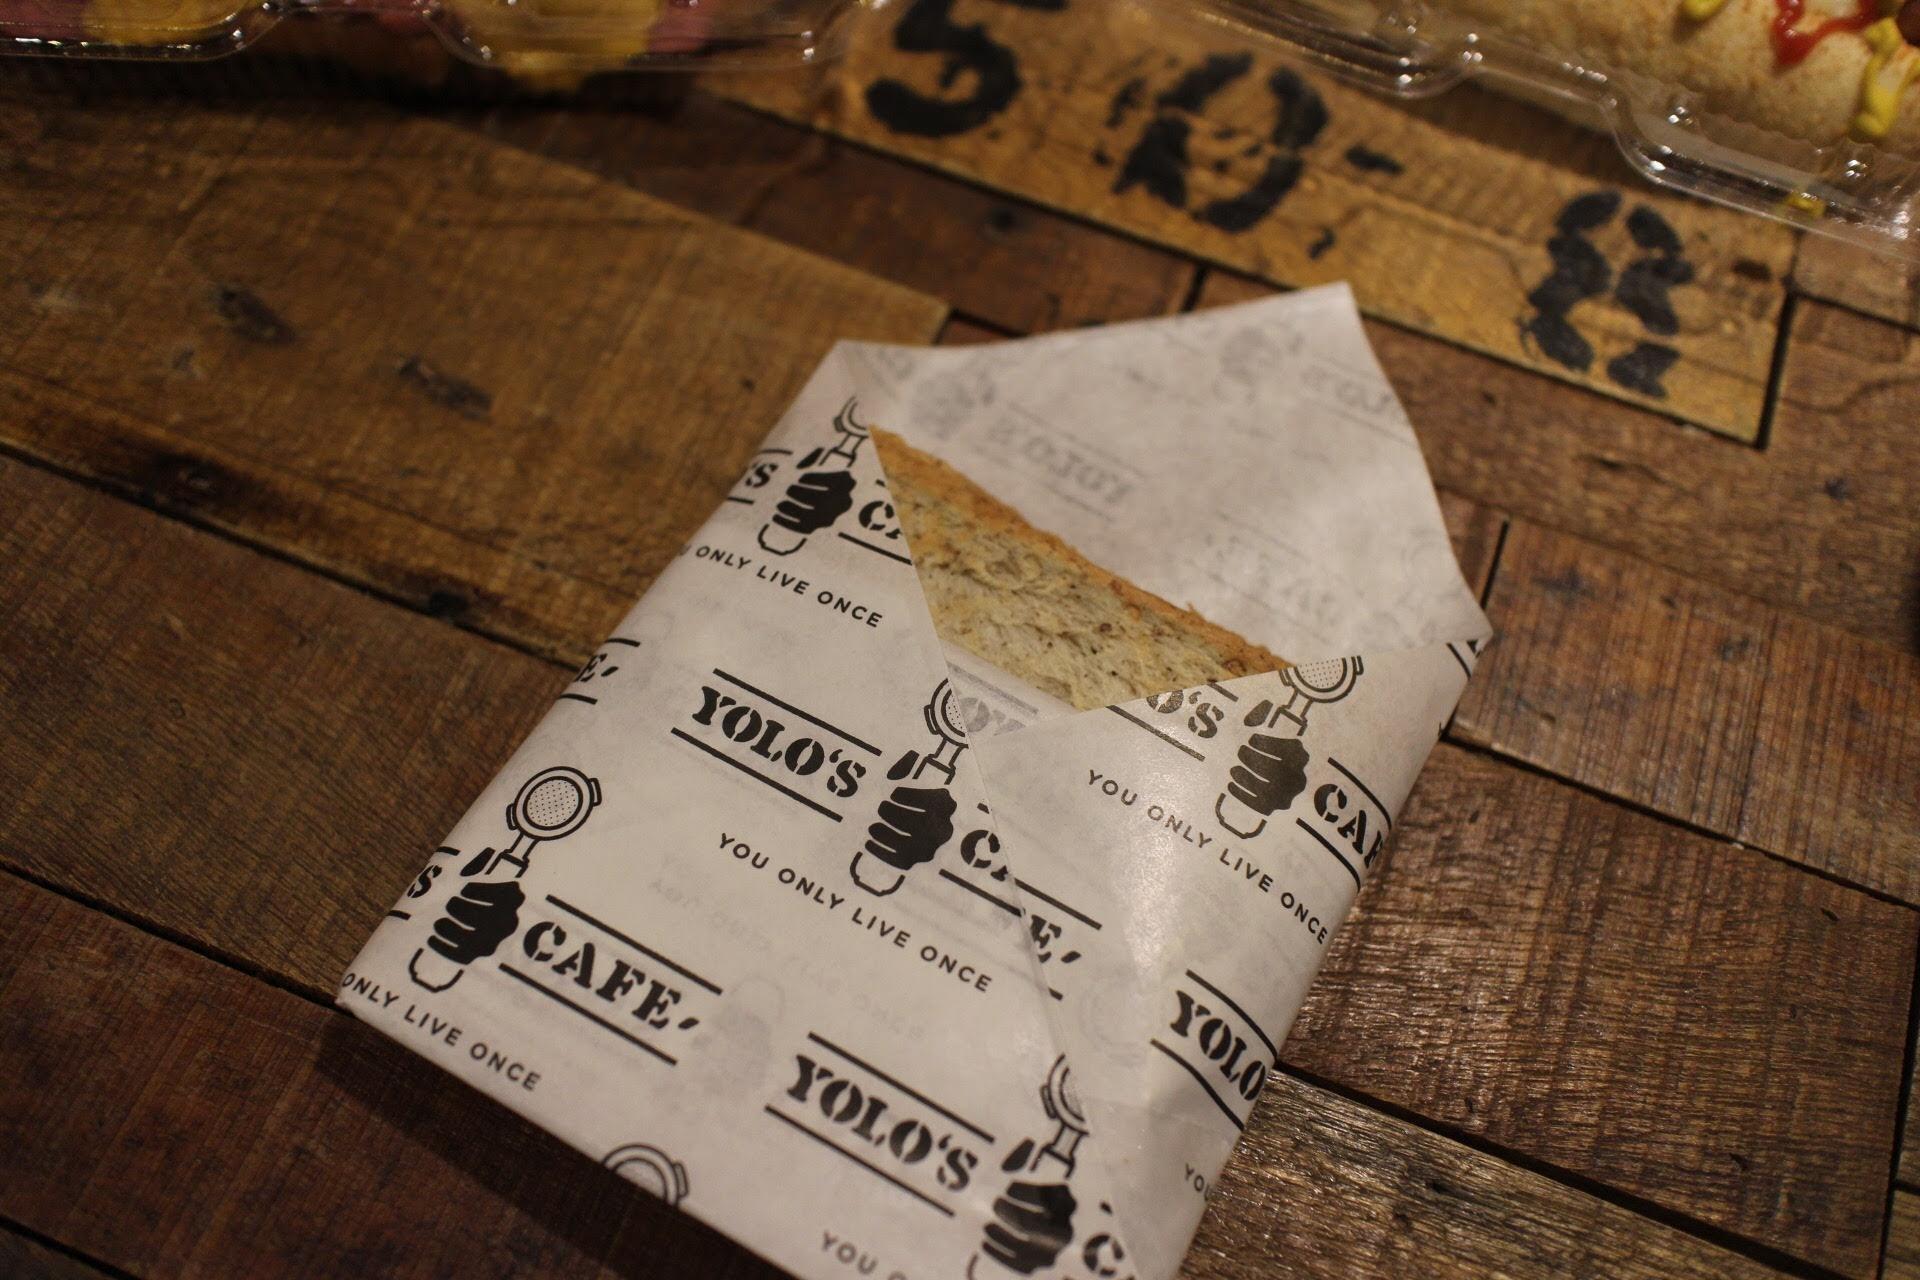 通化街平價下午茶:Yolo's Cafe抹茶白玉